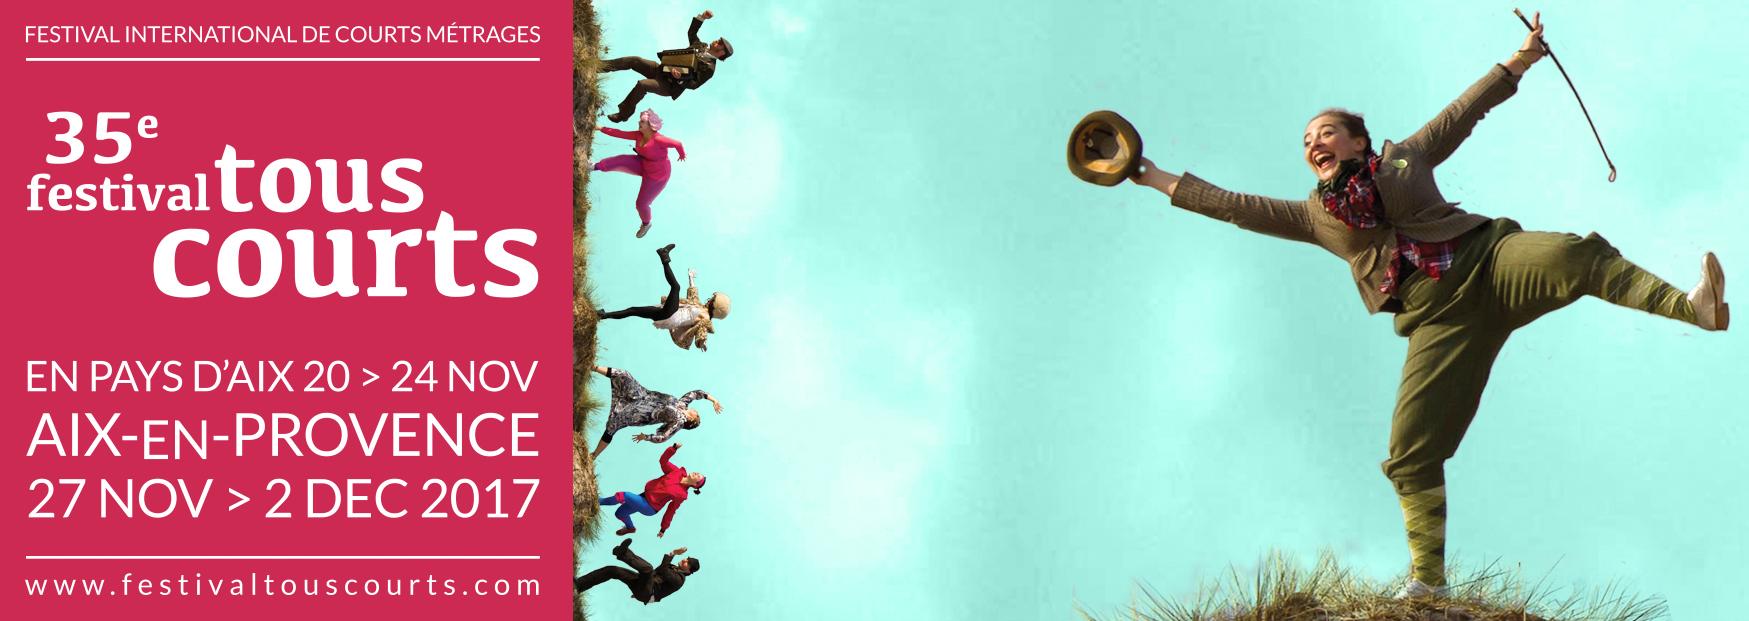 """جایزه ویژه جشنواره """"TOUS COURTS"""" فرانسه به «روتوش» رسید"""